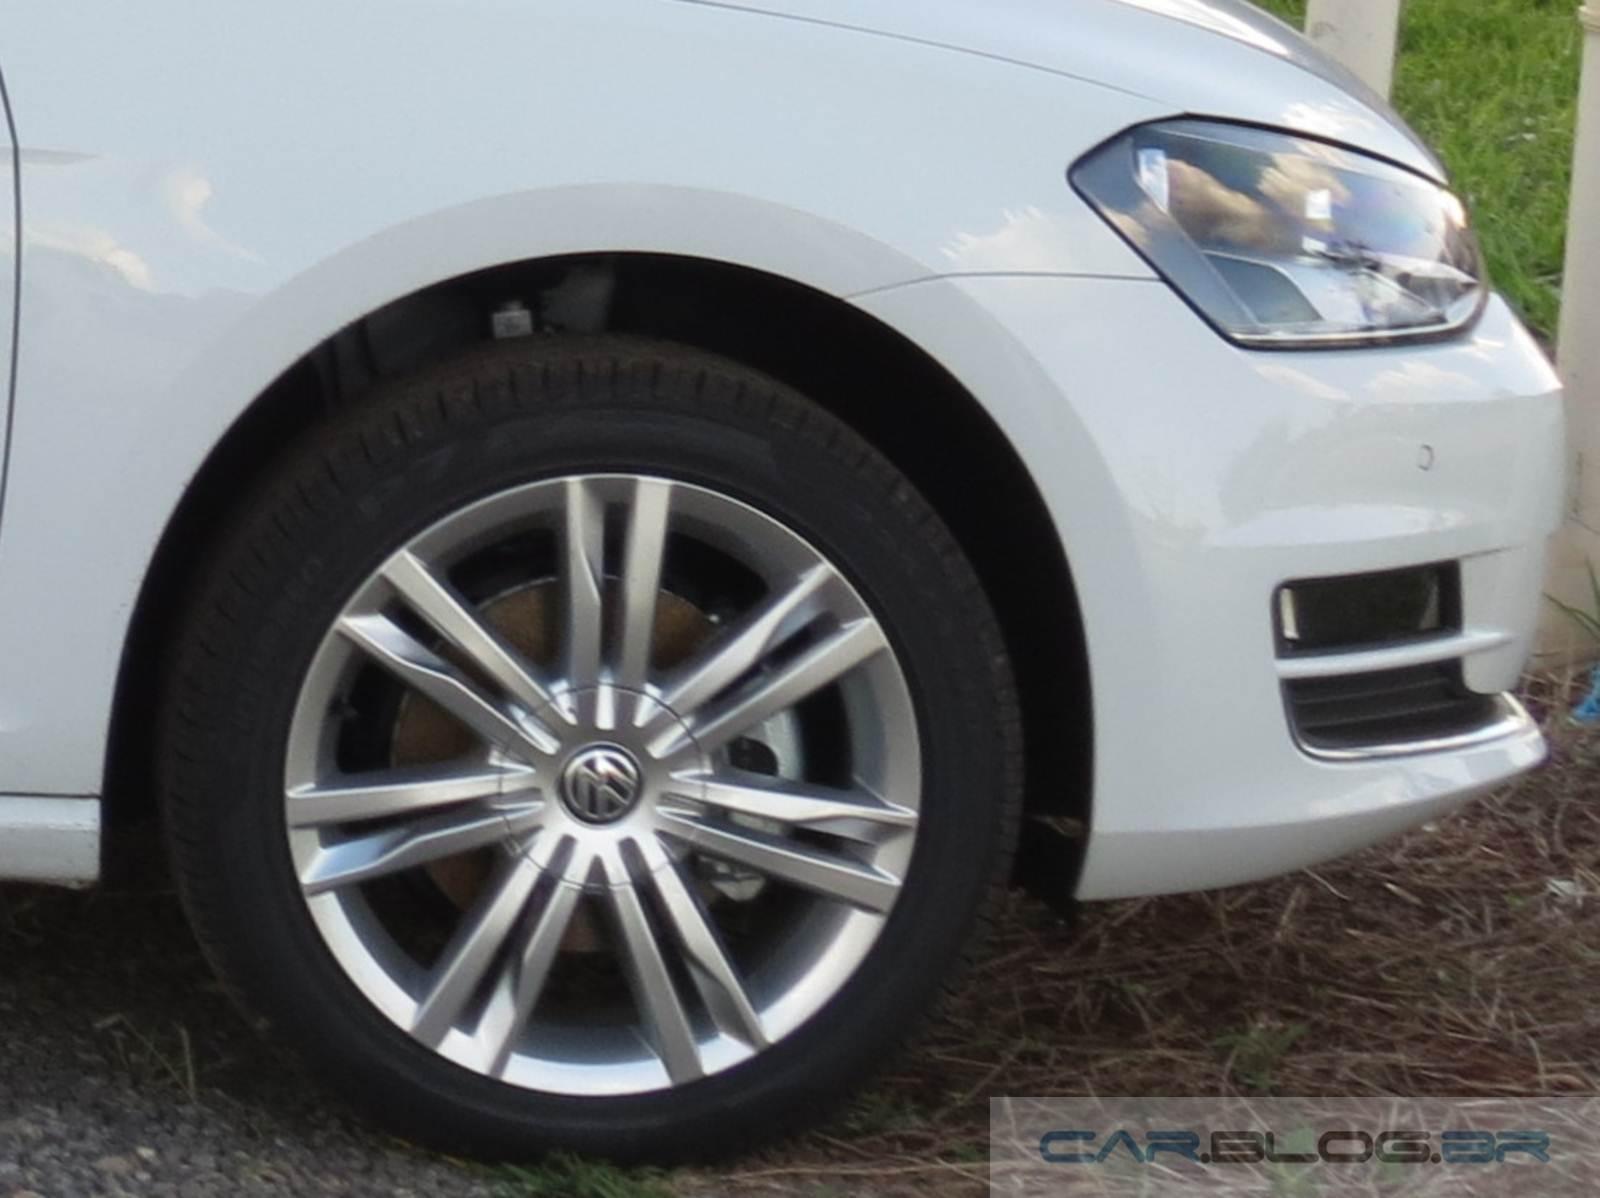 vw golf pneus apresentam bolhas em teste de longa dura o car blog br